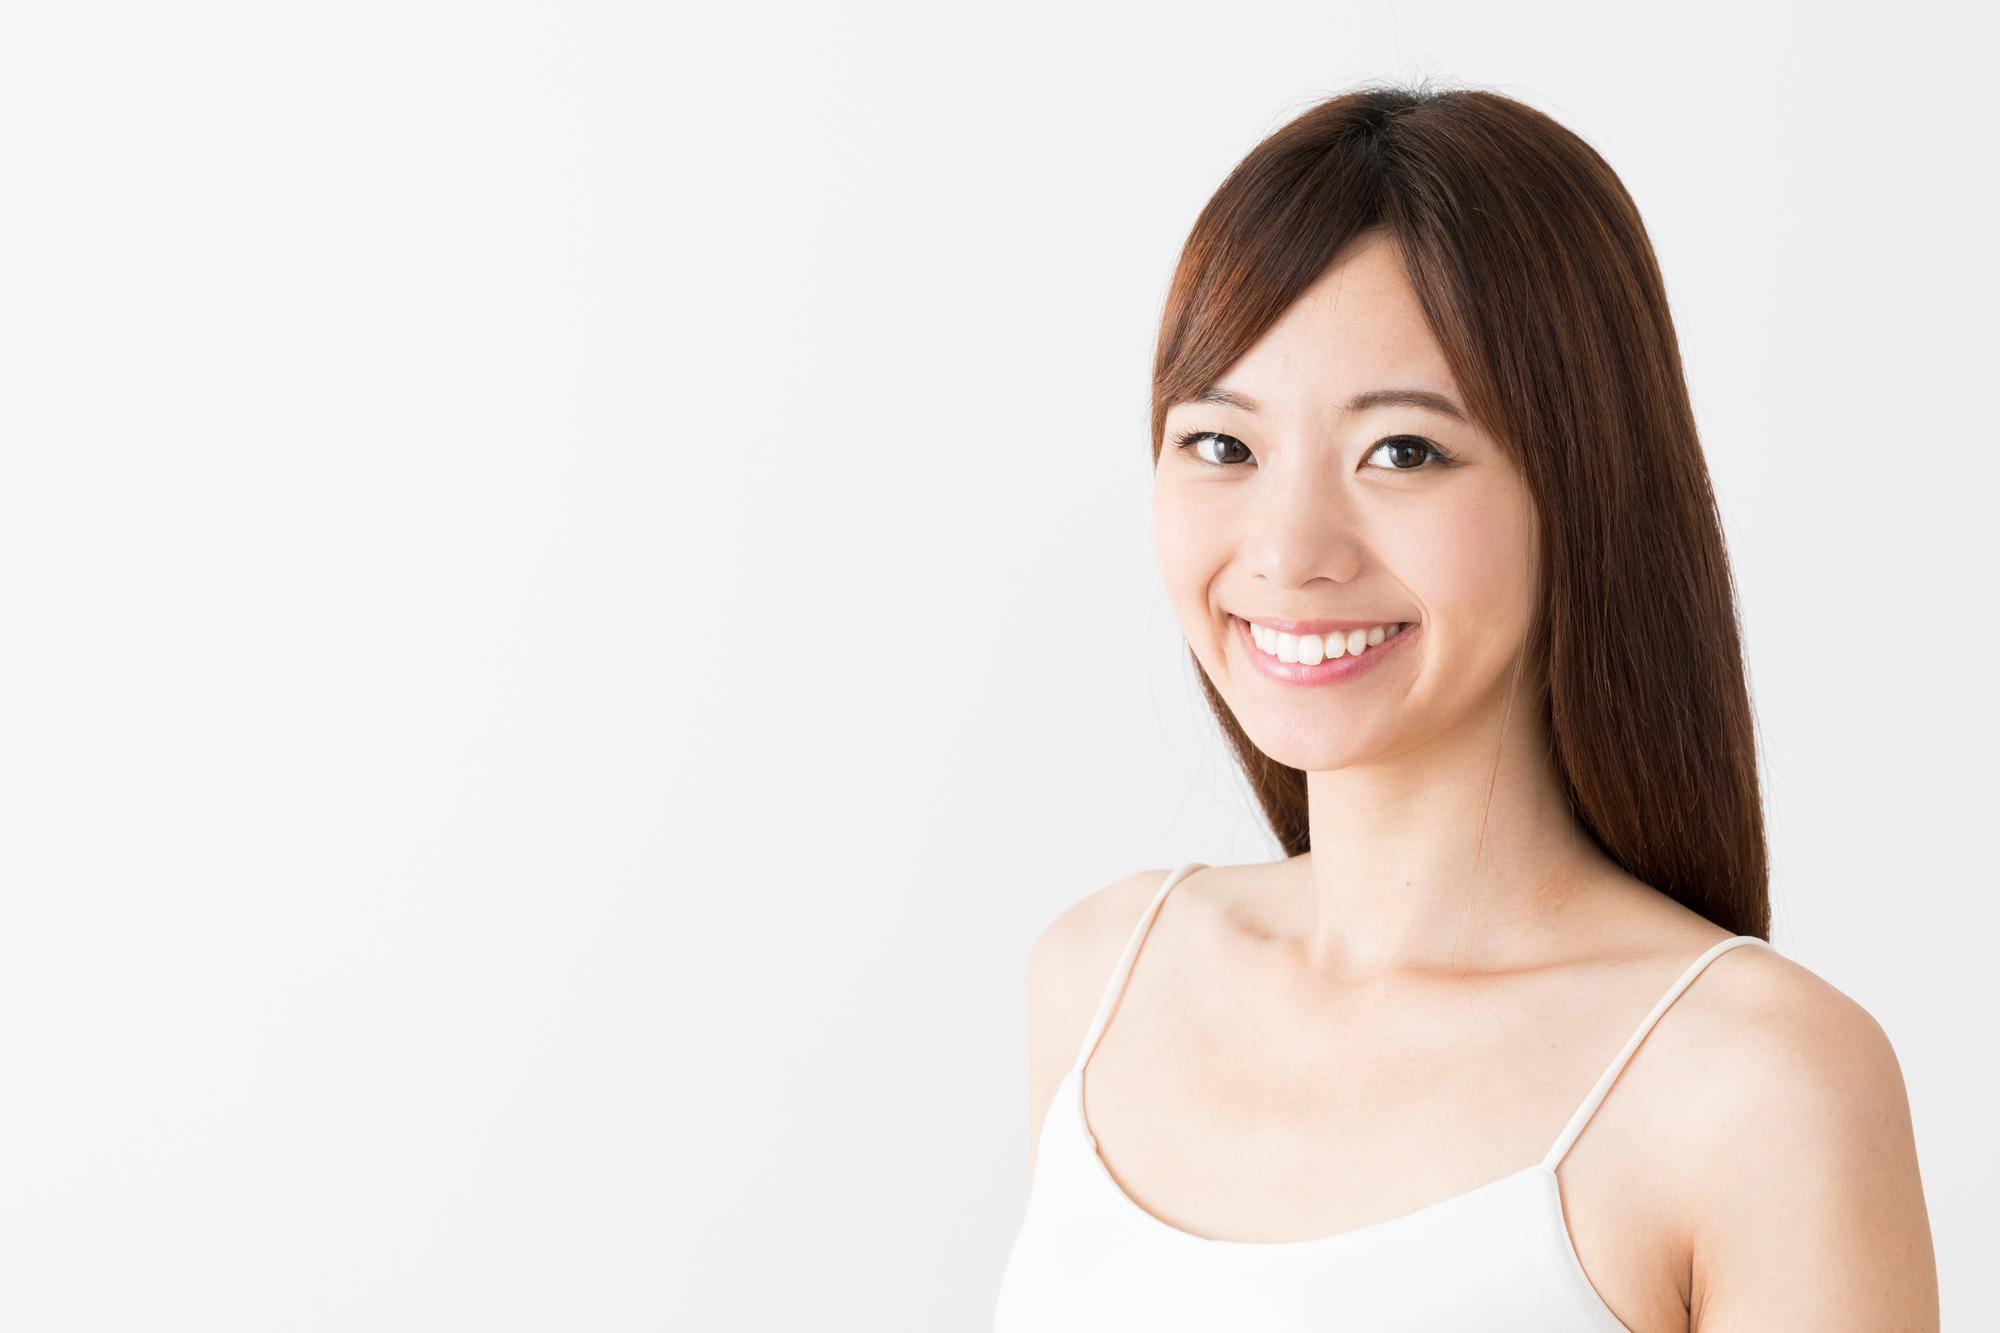 健康な歯を見せる笑顔の女性